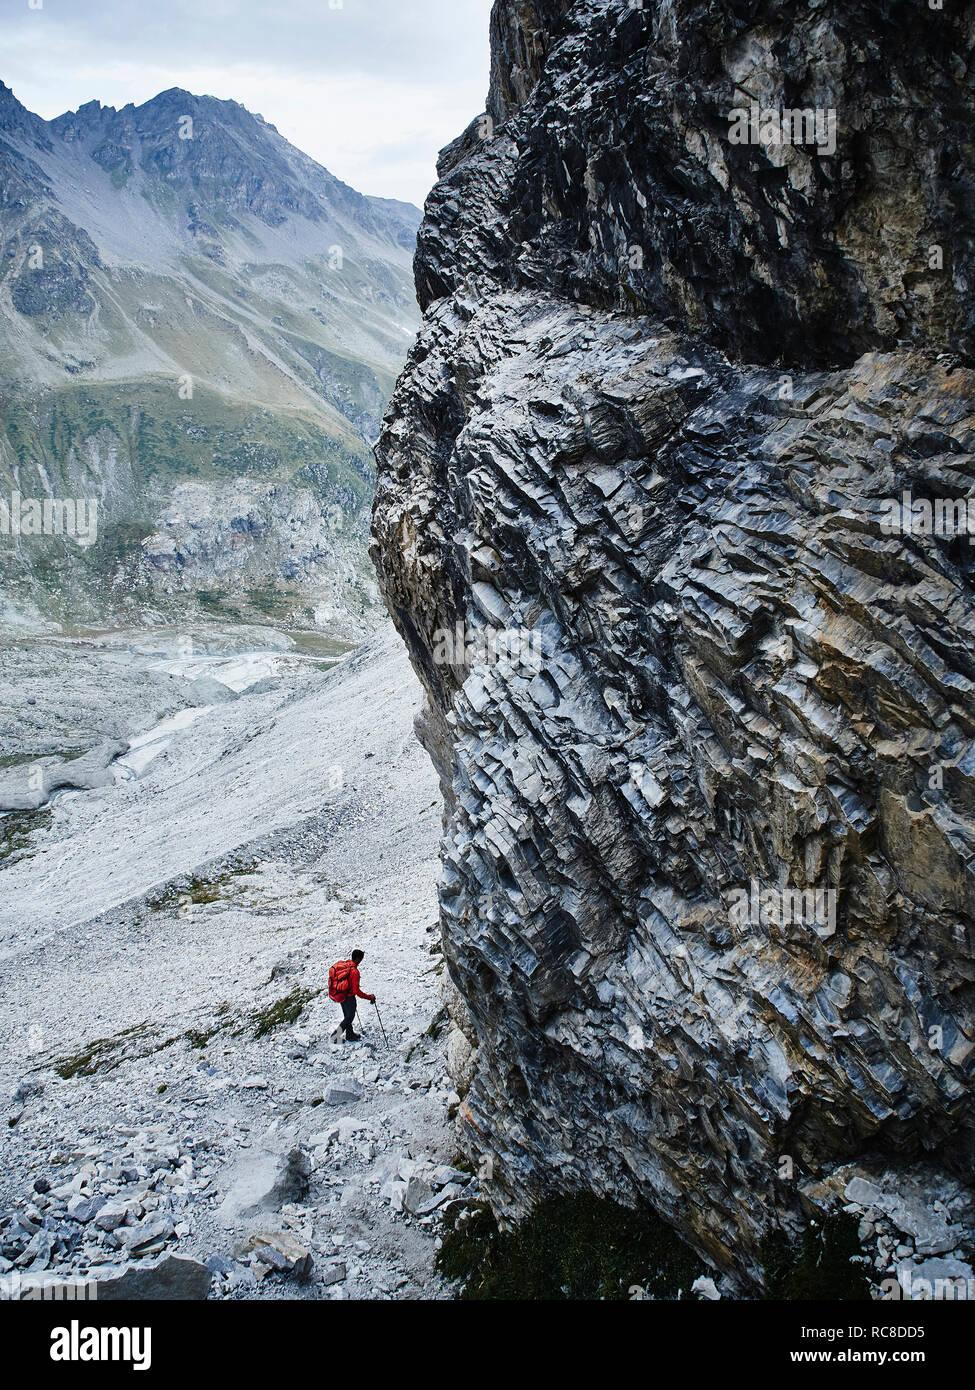 Randonneur traversant les terrains rocheux, le Mont Cervin, Matterhorn, Valais, Suisse Banque D'Images